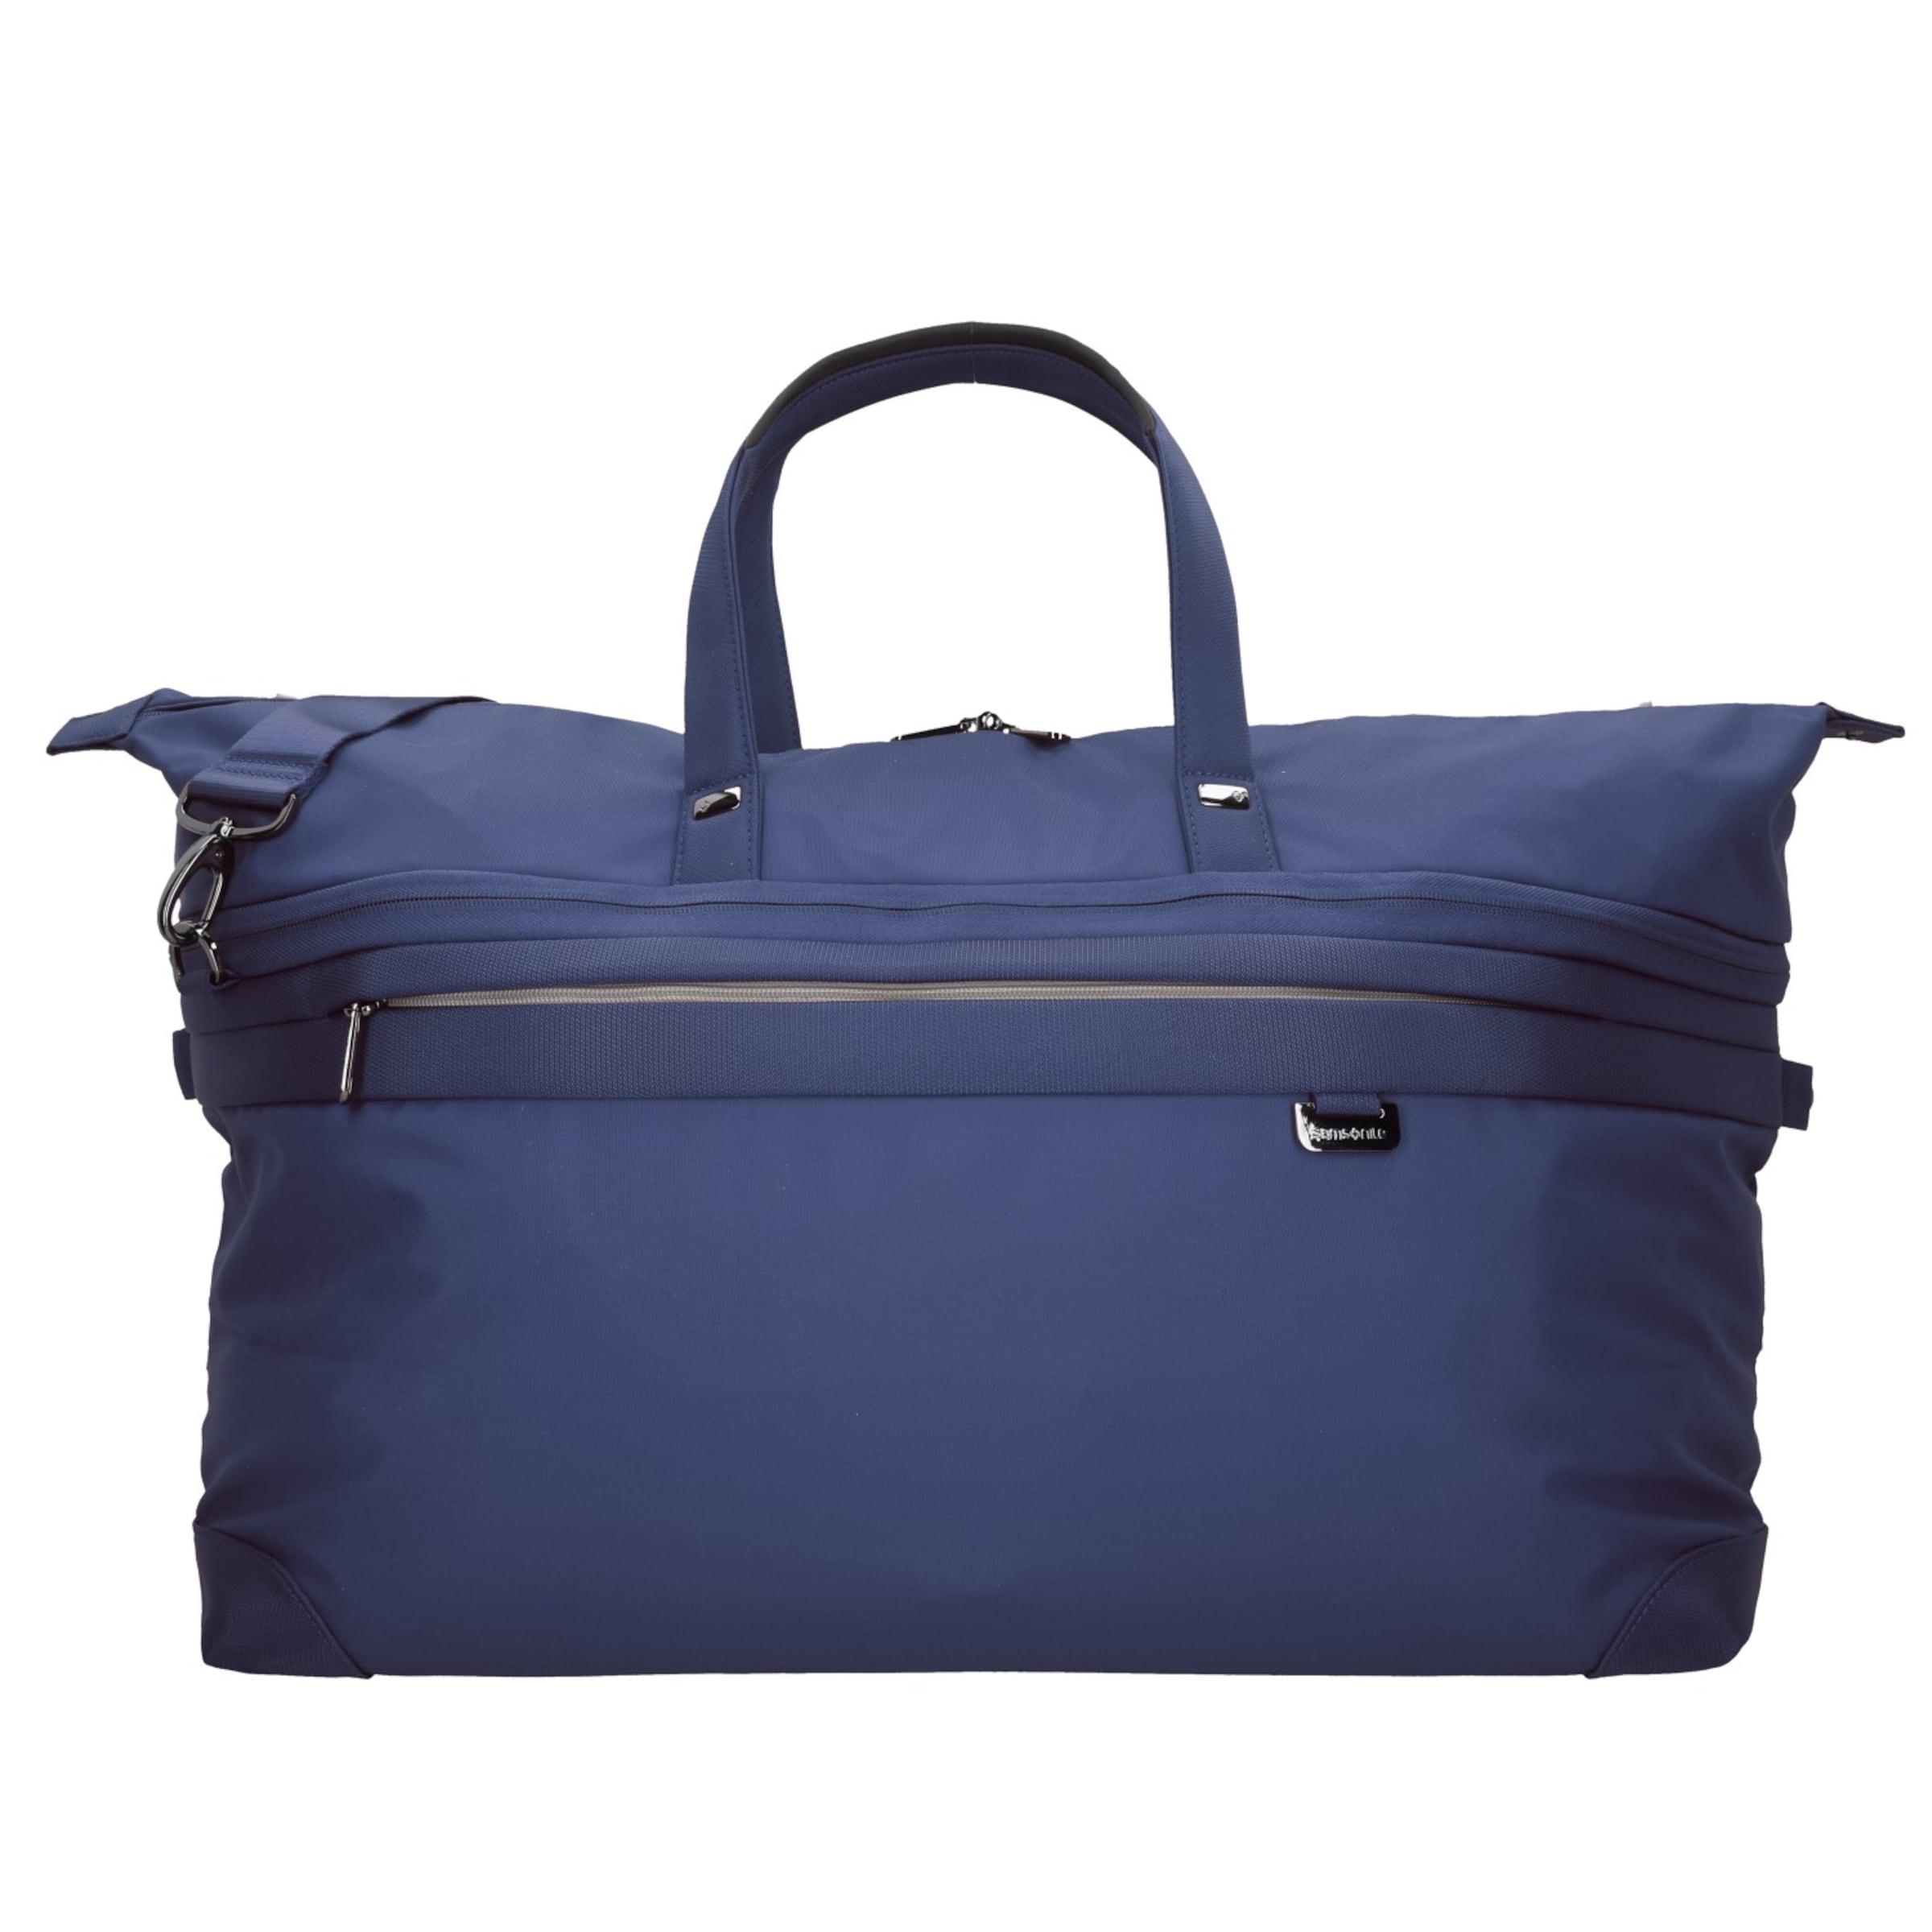 45 Uplite Samsonite Blau Weekender Cm Reisetasche In myvN80OnPw